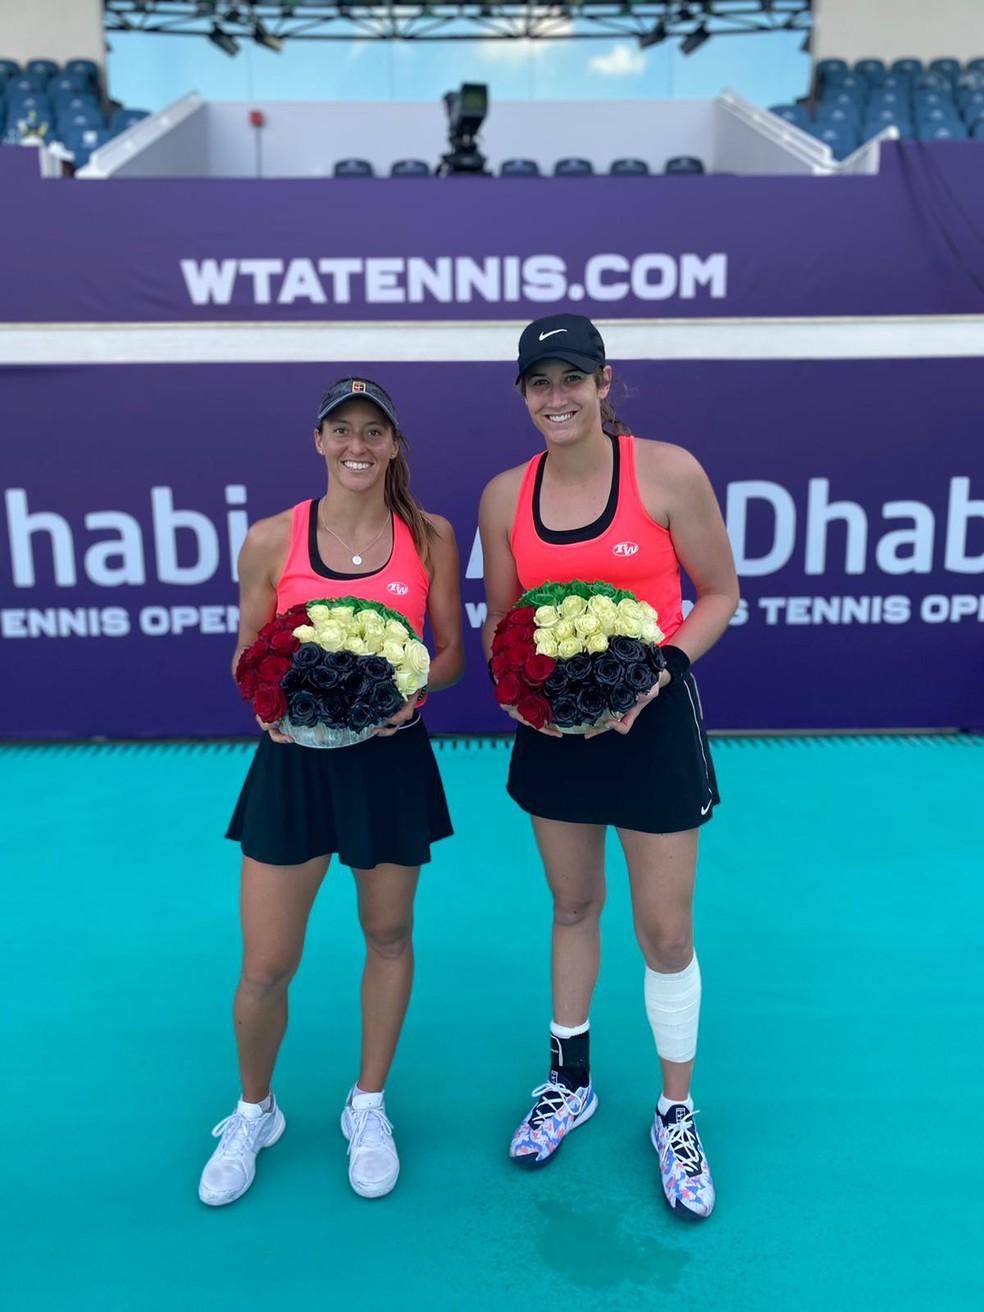 Luisa Stefani e Hayley Carter são vice campeãs do WTA de Abu Dhabi — Foto: Arquivo Pessoal